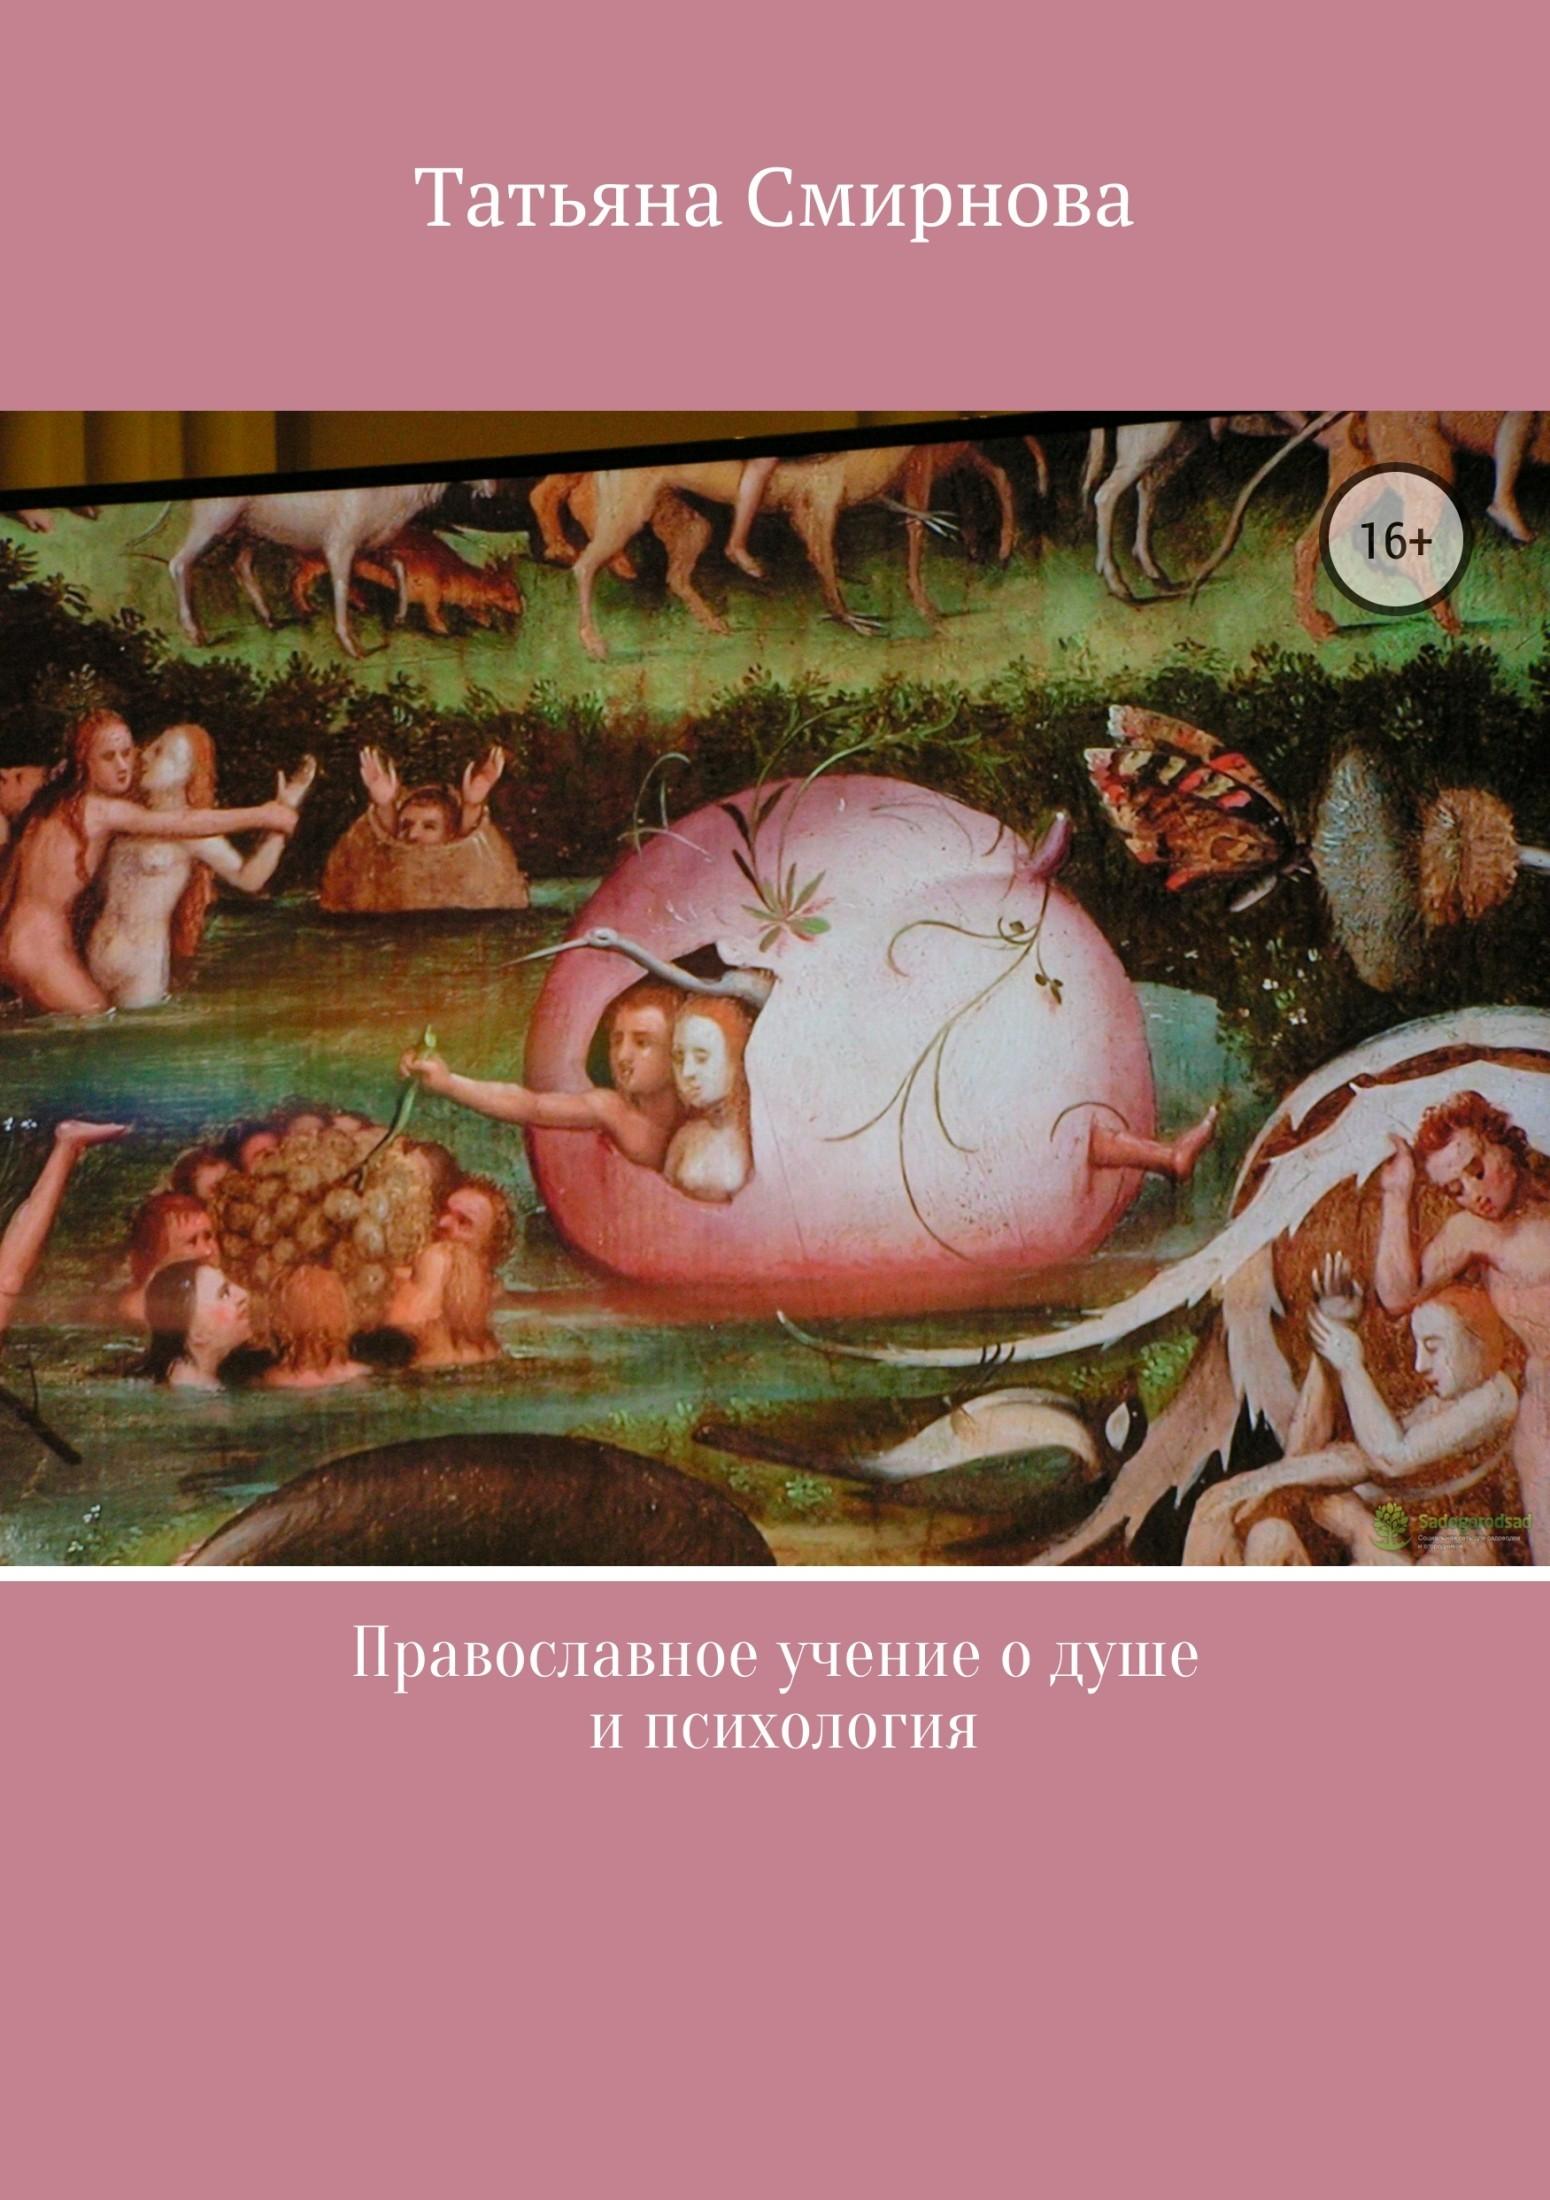 Татьяна Смирнова - Православное учение о душе и психология